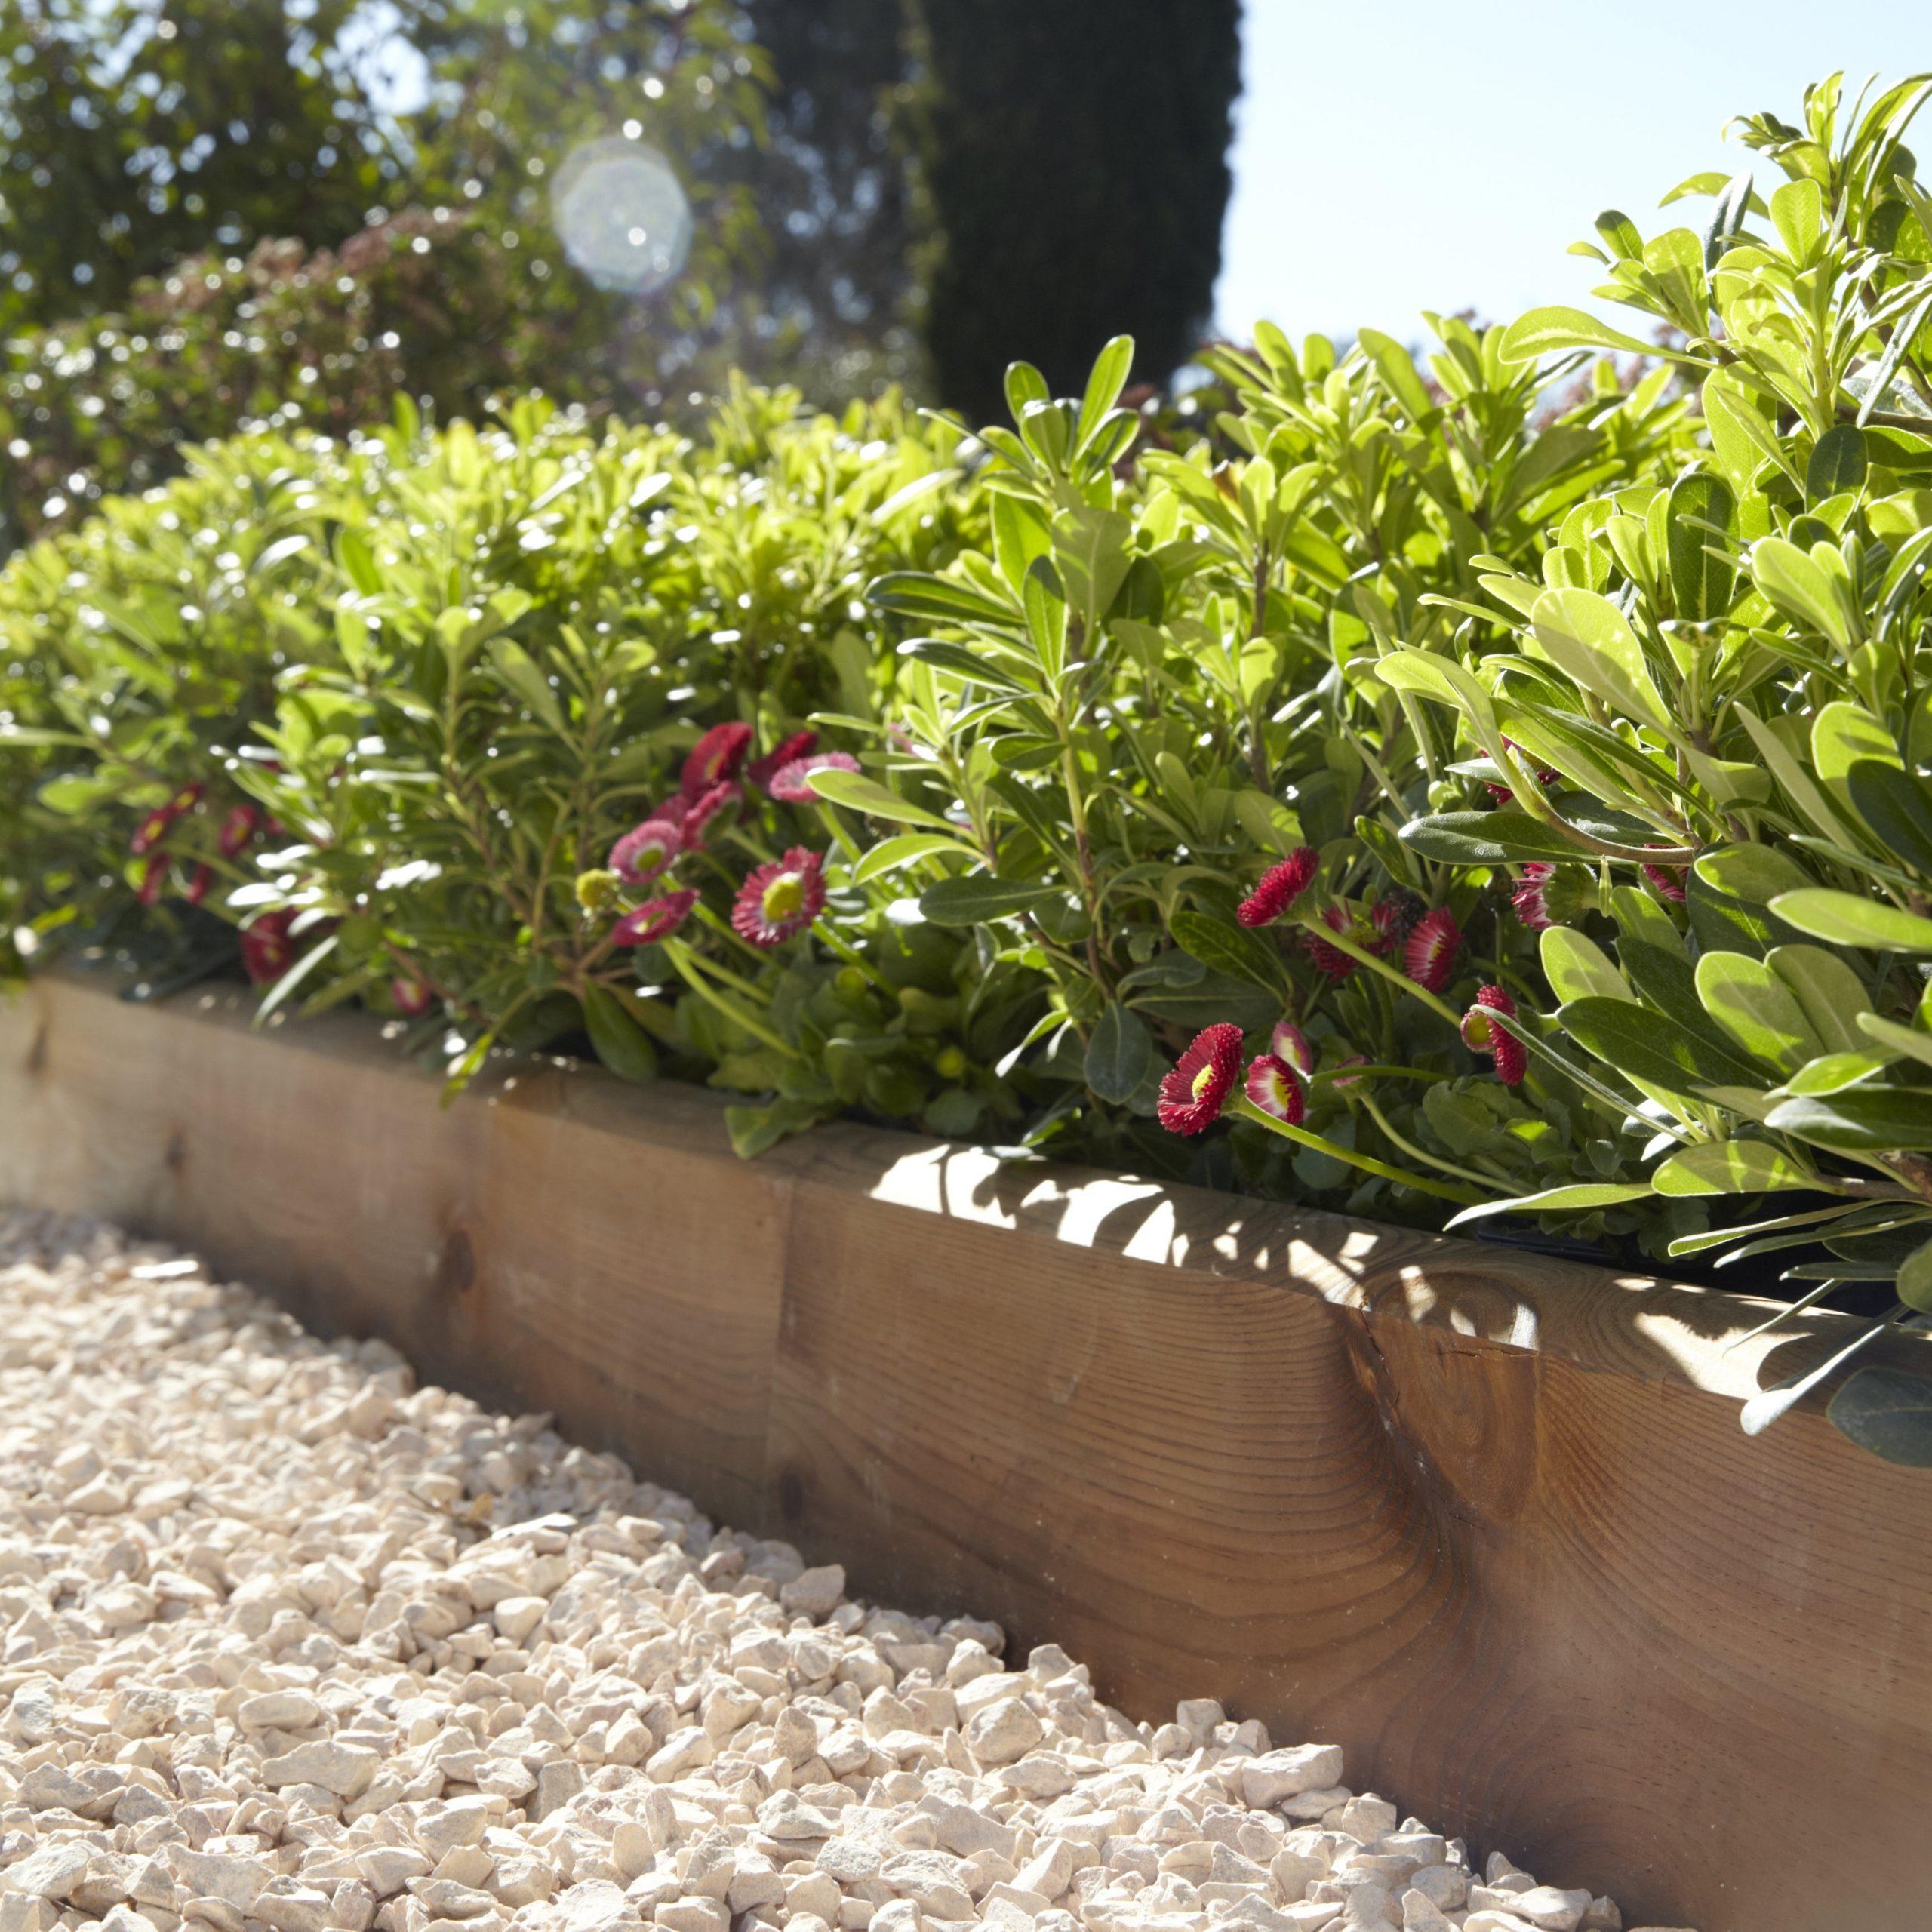 Bordure À Planter Kuhmo Bois Marron, H.20 X L.120 Cm destiné Bordure De Jardin En Bois Pas Cher